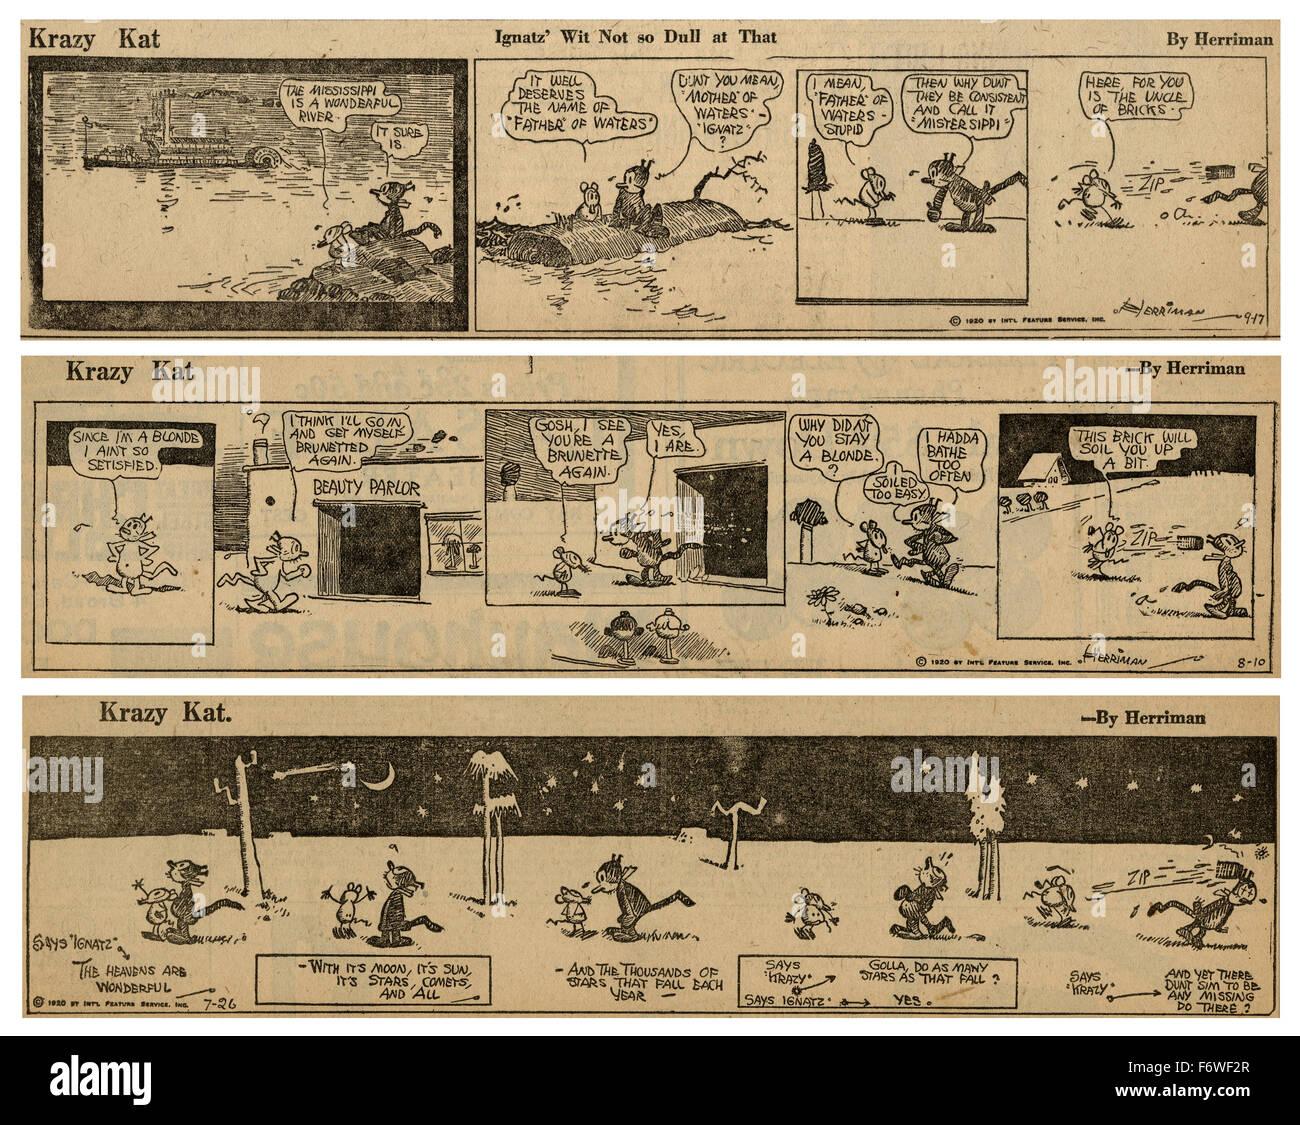 Trois 1920 Bande dessinée Krazy Kat de George Herriman, avec Krazy Kat et Ignatz Mouse. Photo Stock